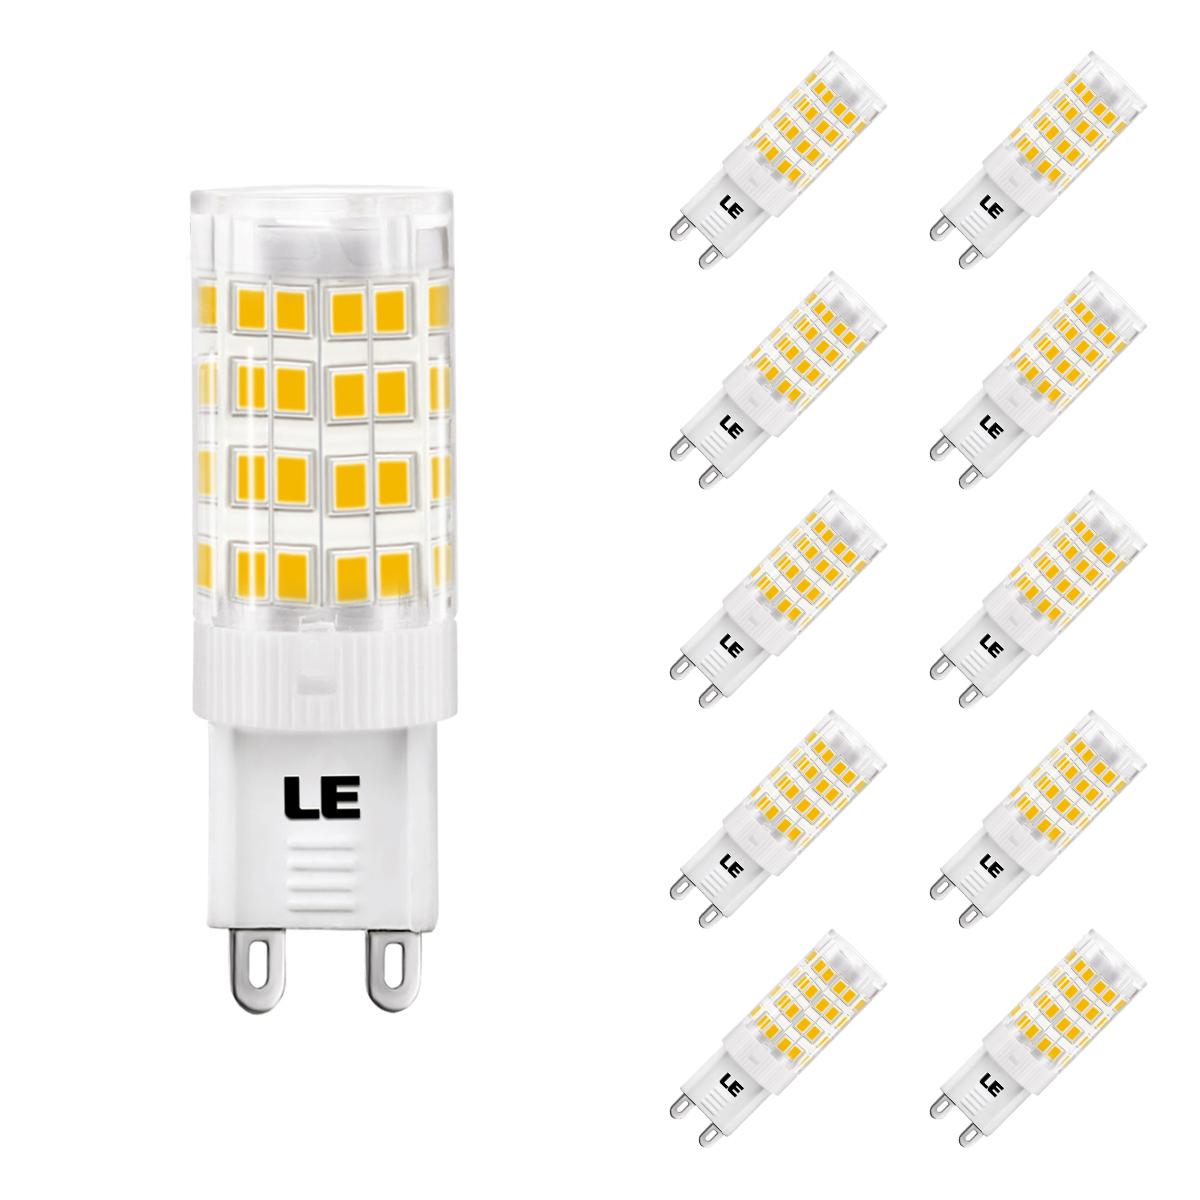 [Bündel] 5W G9 LED Maiskolben, 340lm Maisbirne, 360° Beleuchtung, Ersatz für 50W Halogenbirne, Warmweiß, 10er Set